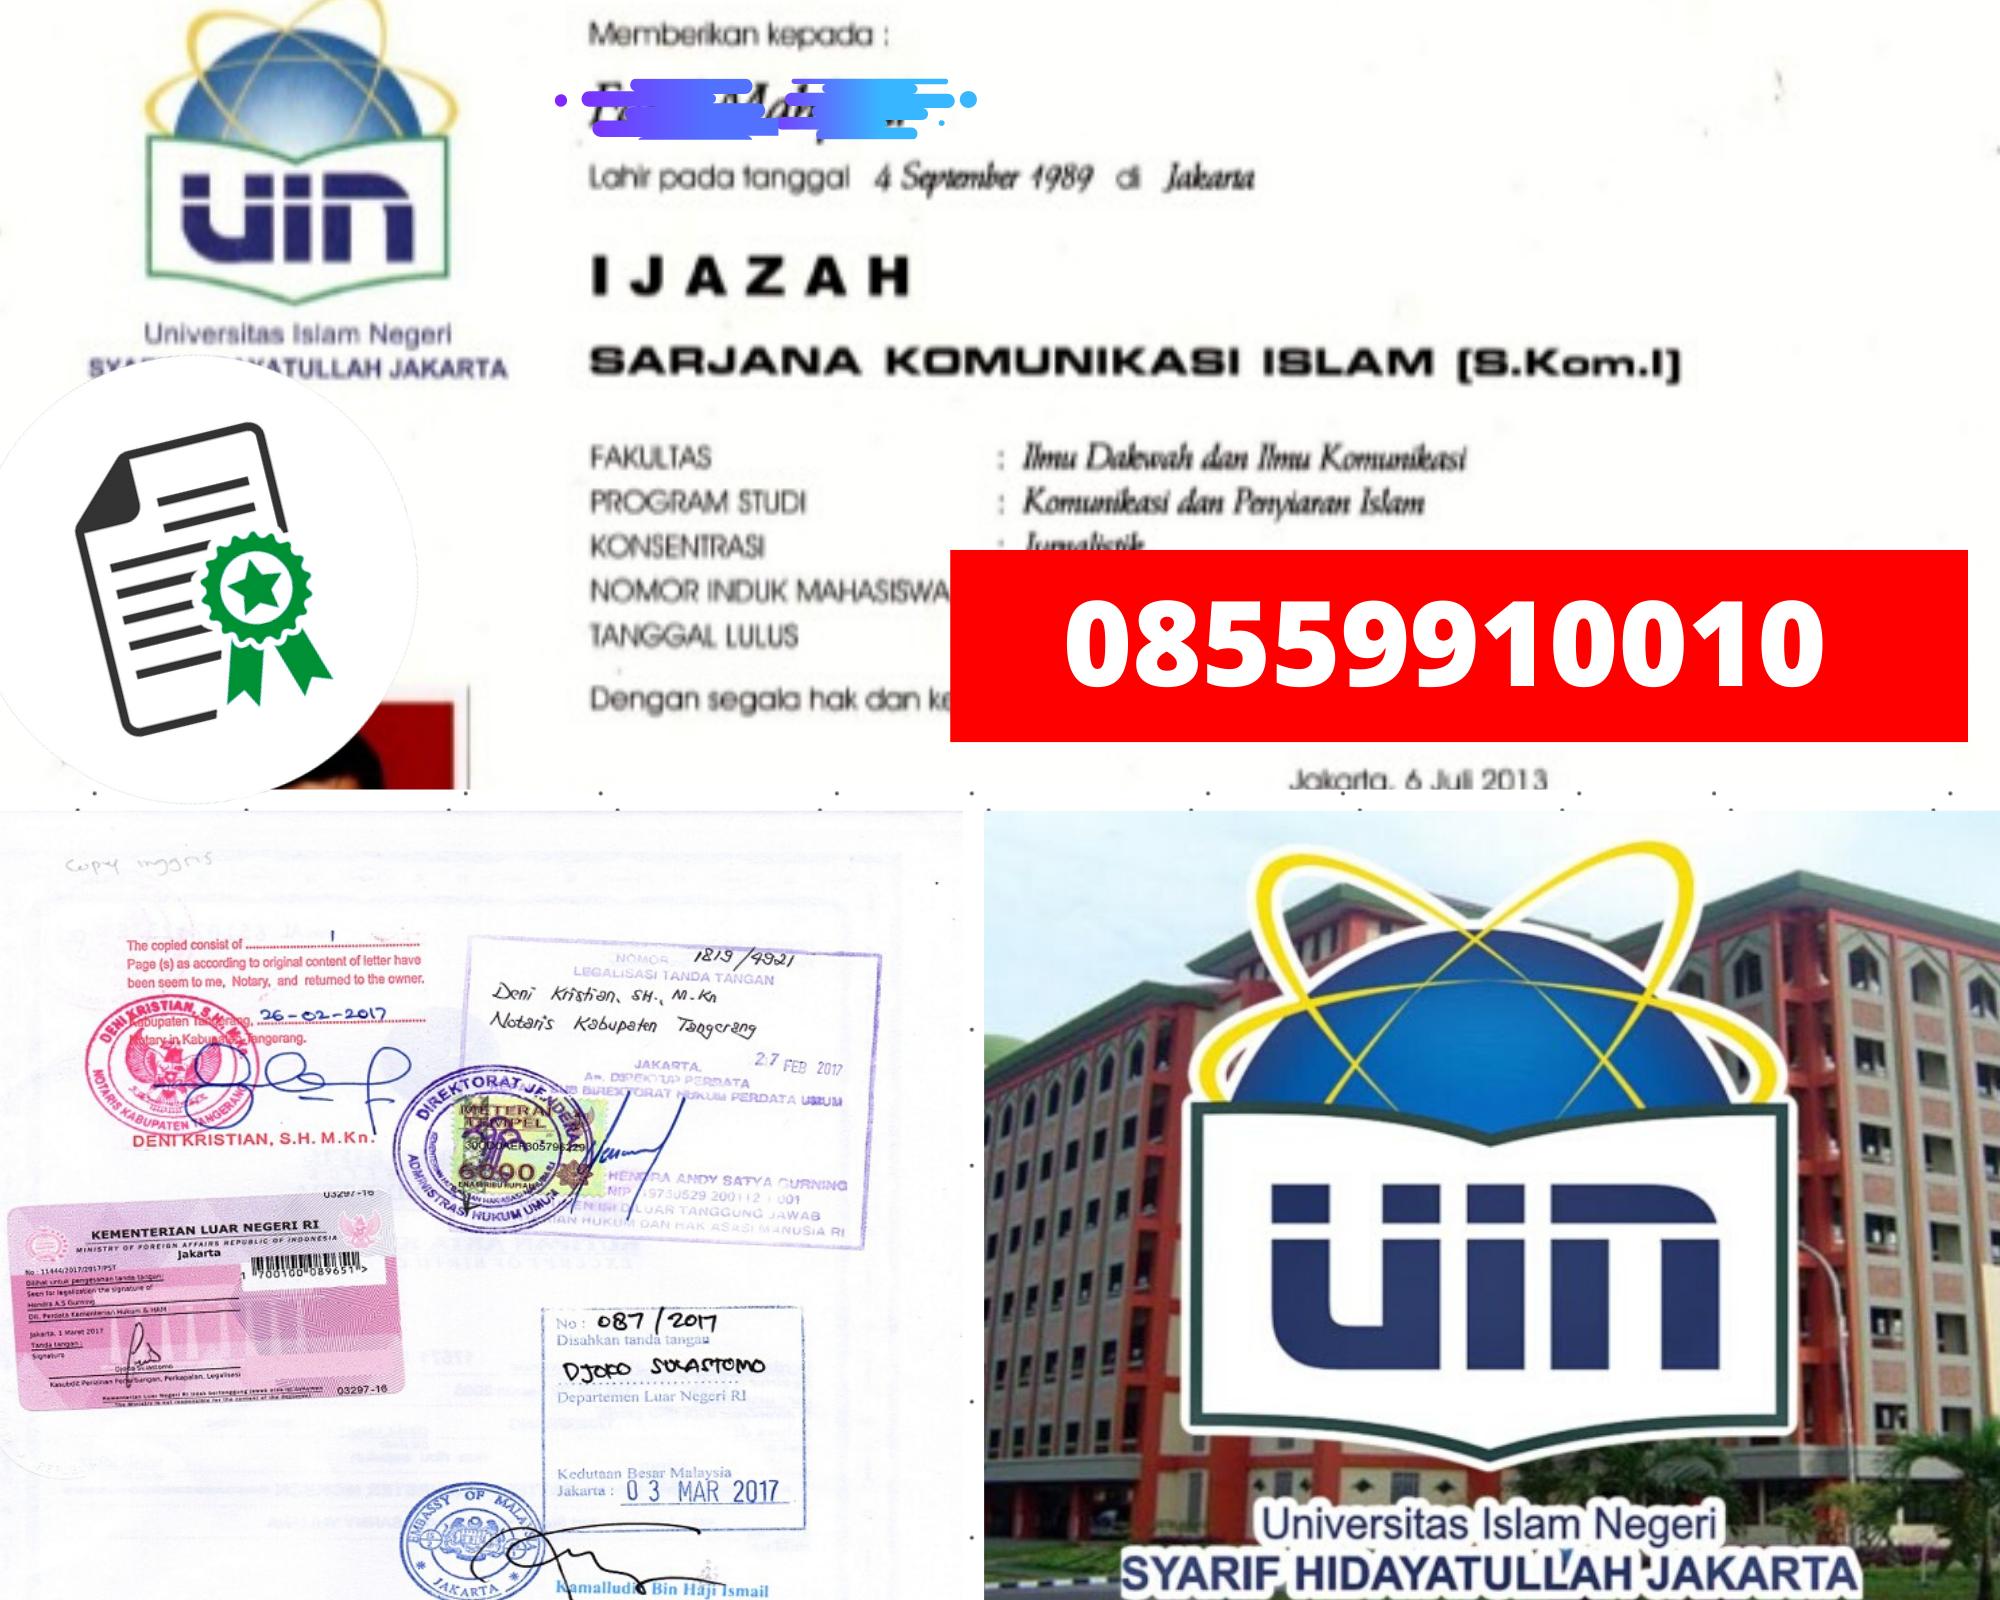 Legalisir Ijazah Universitas Islam Negeri Syarif Hidayatullah Di Kemenristek Dikti || 08559910010